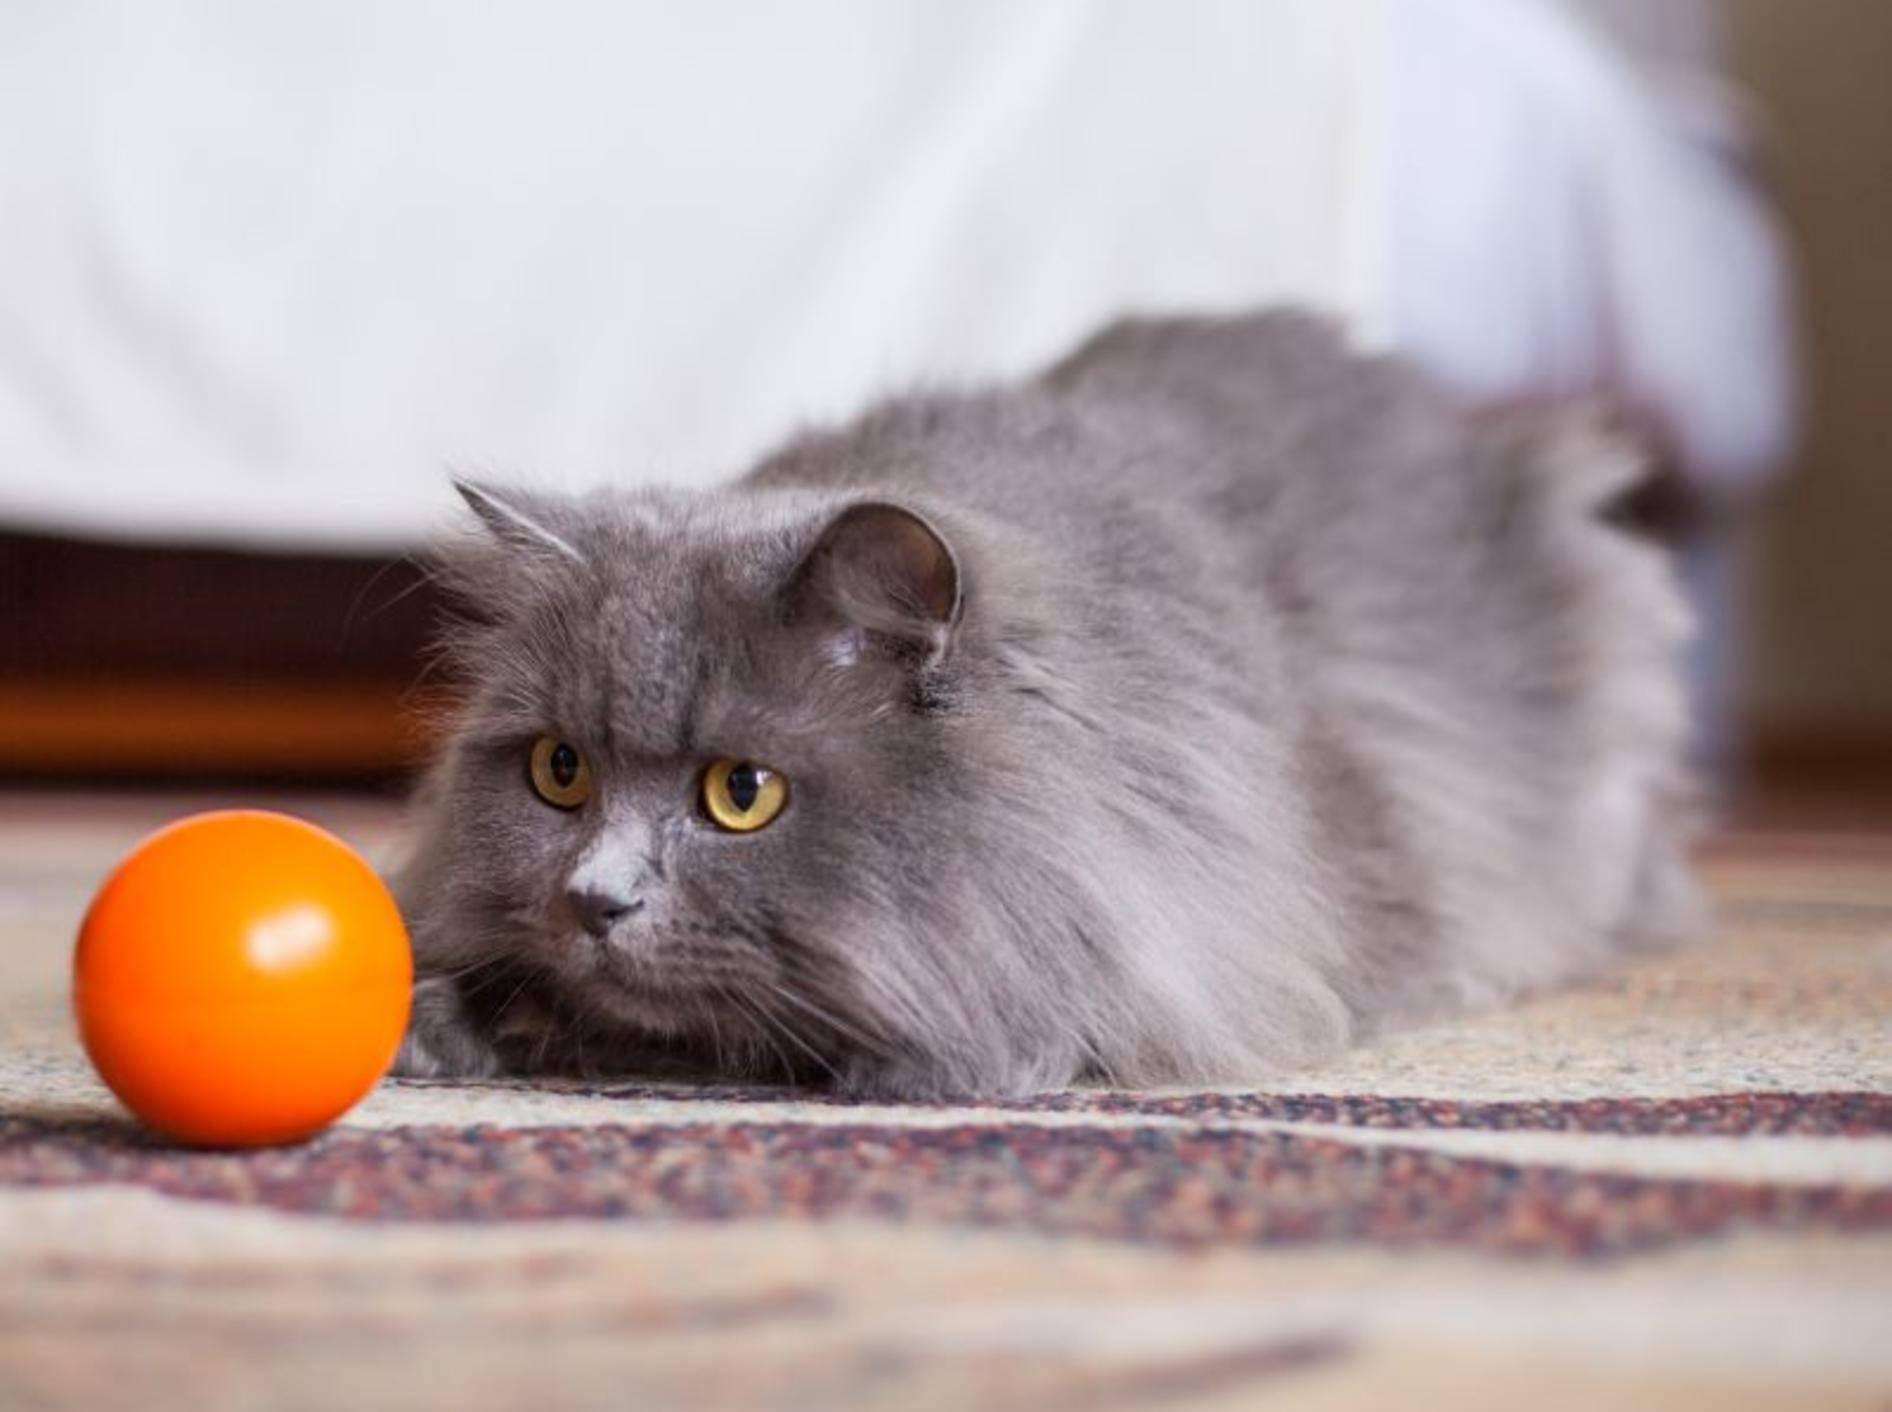 Snackball als Katzenspielzeug: Fitness und Vergnügen – Bild: Shutterstock / Jakub Zak